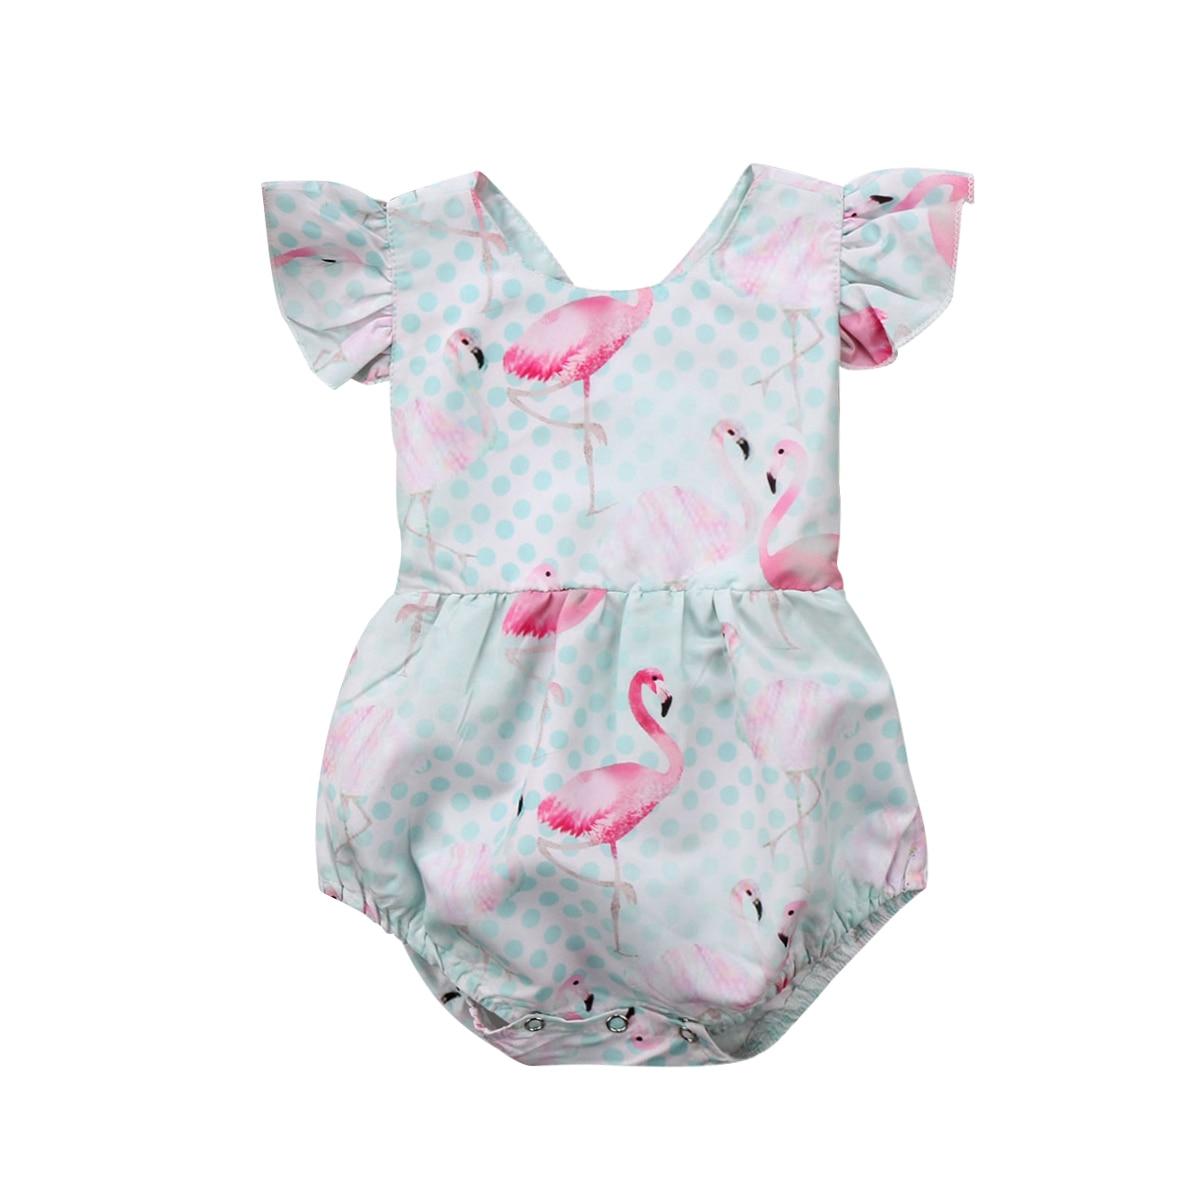 Rüschenkragen Neugeborenen Baby Mädchen Kleidung Sommer Sleeveless Einfarbig Säugling Baby Strampler Overall Sunsuit Outfits Kleidung StraßEnpreis Babykleidung Mädchen